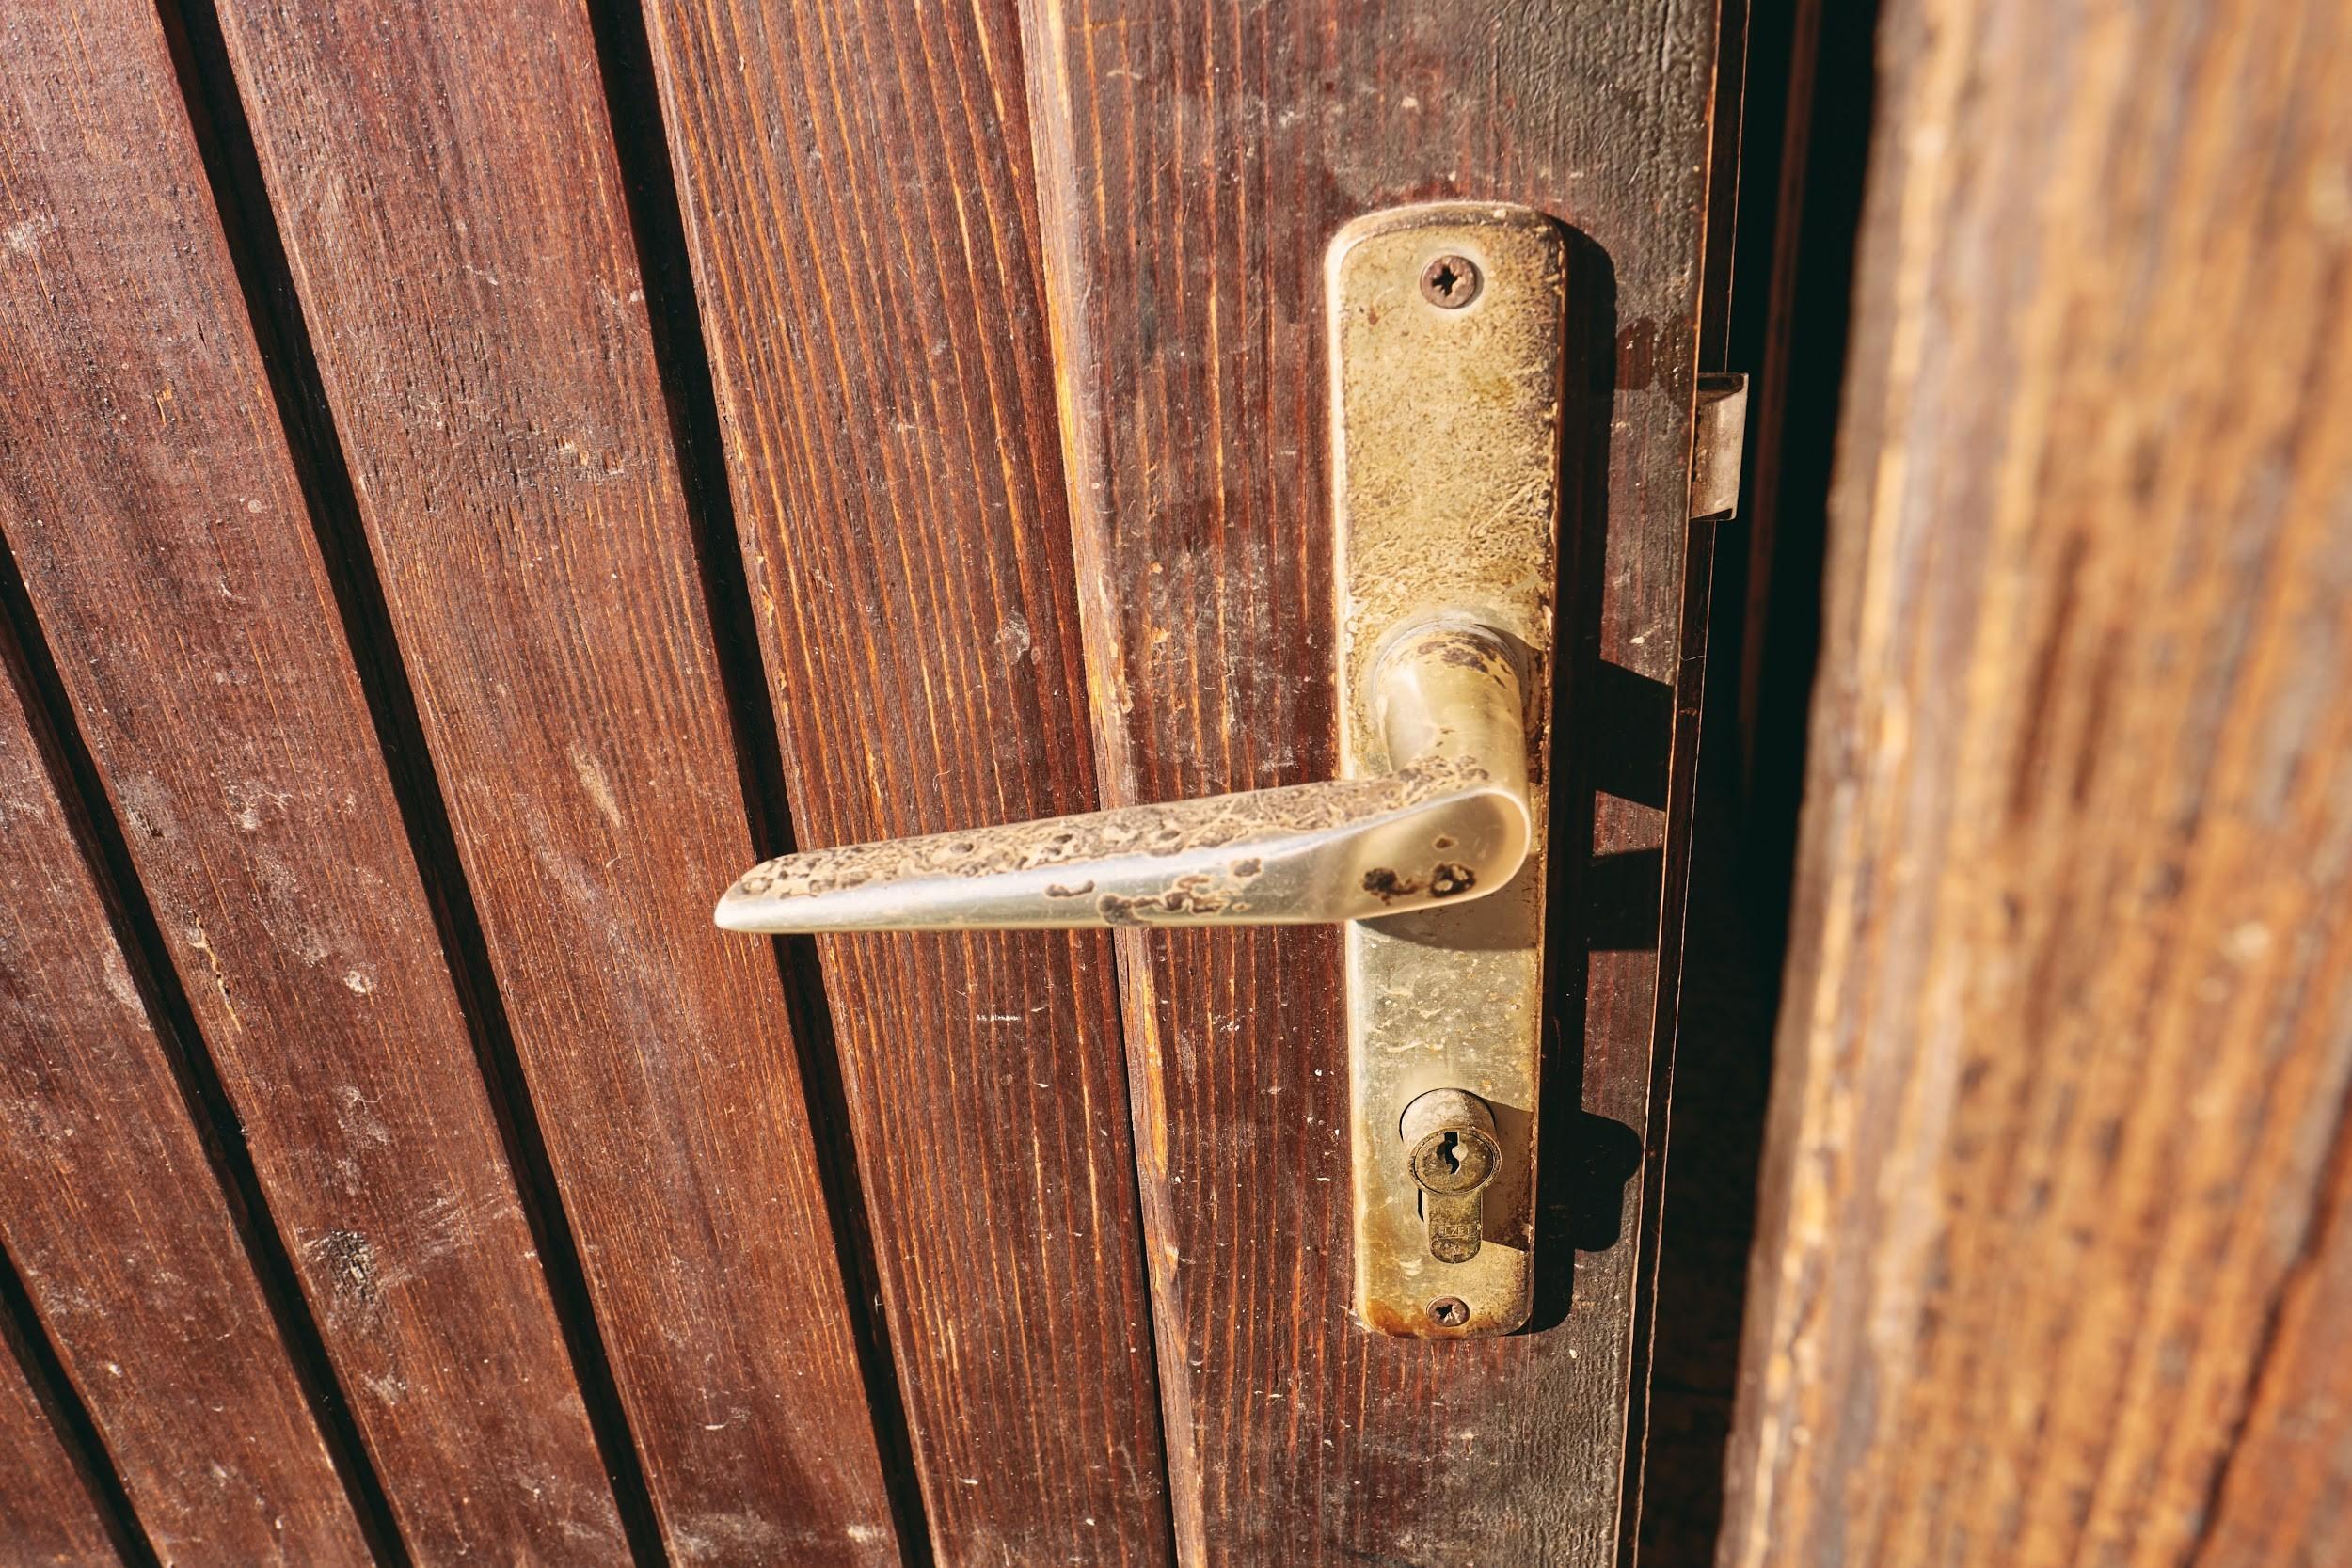 傷んだ玄関ドアは非常に危険